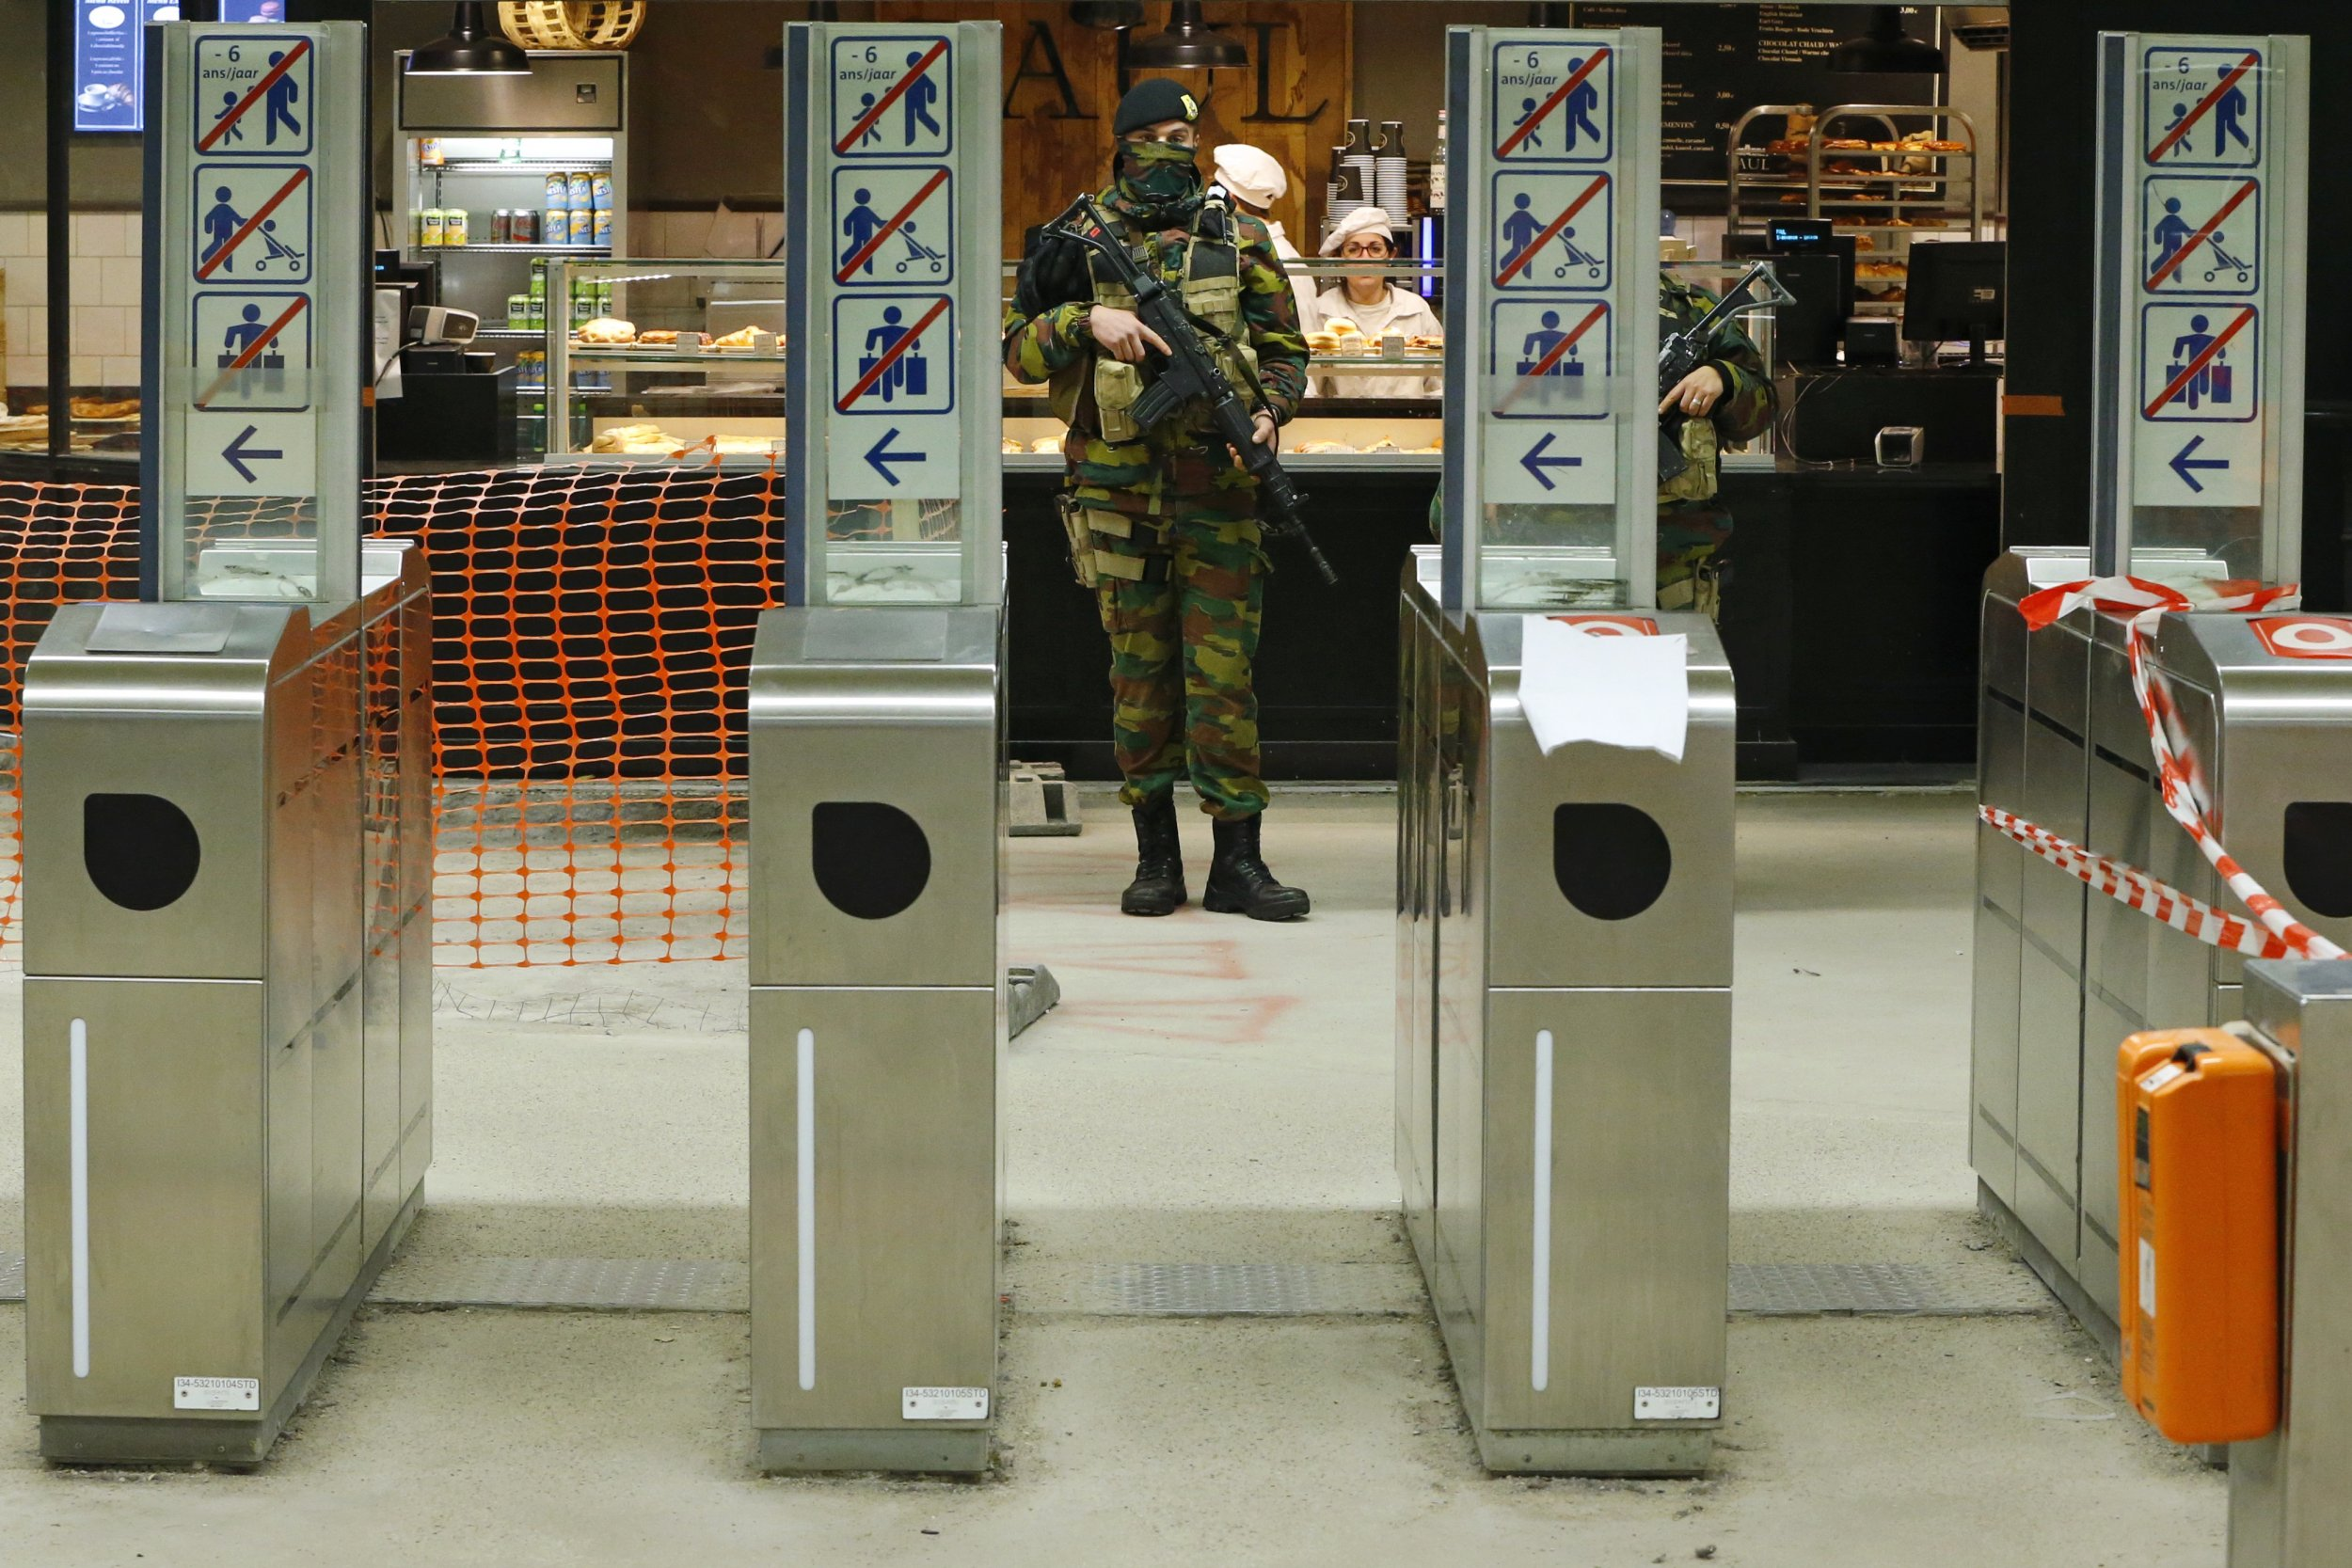 1125_Belgium Paris Terrorism